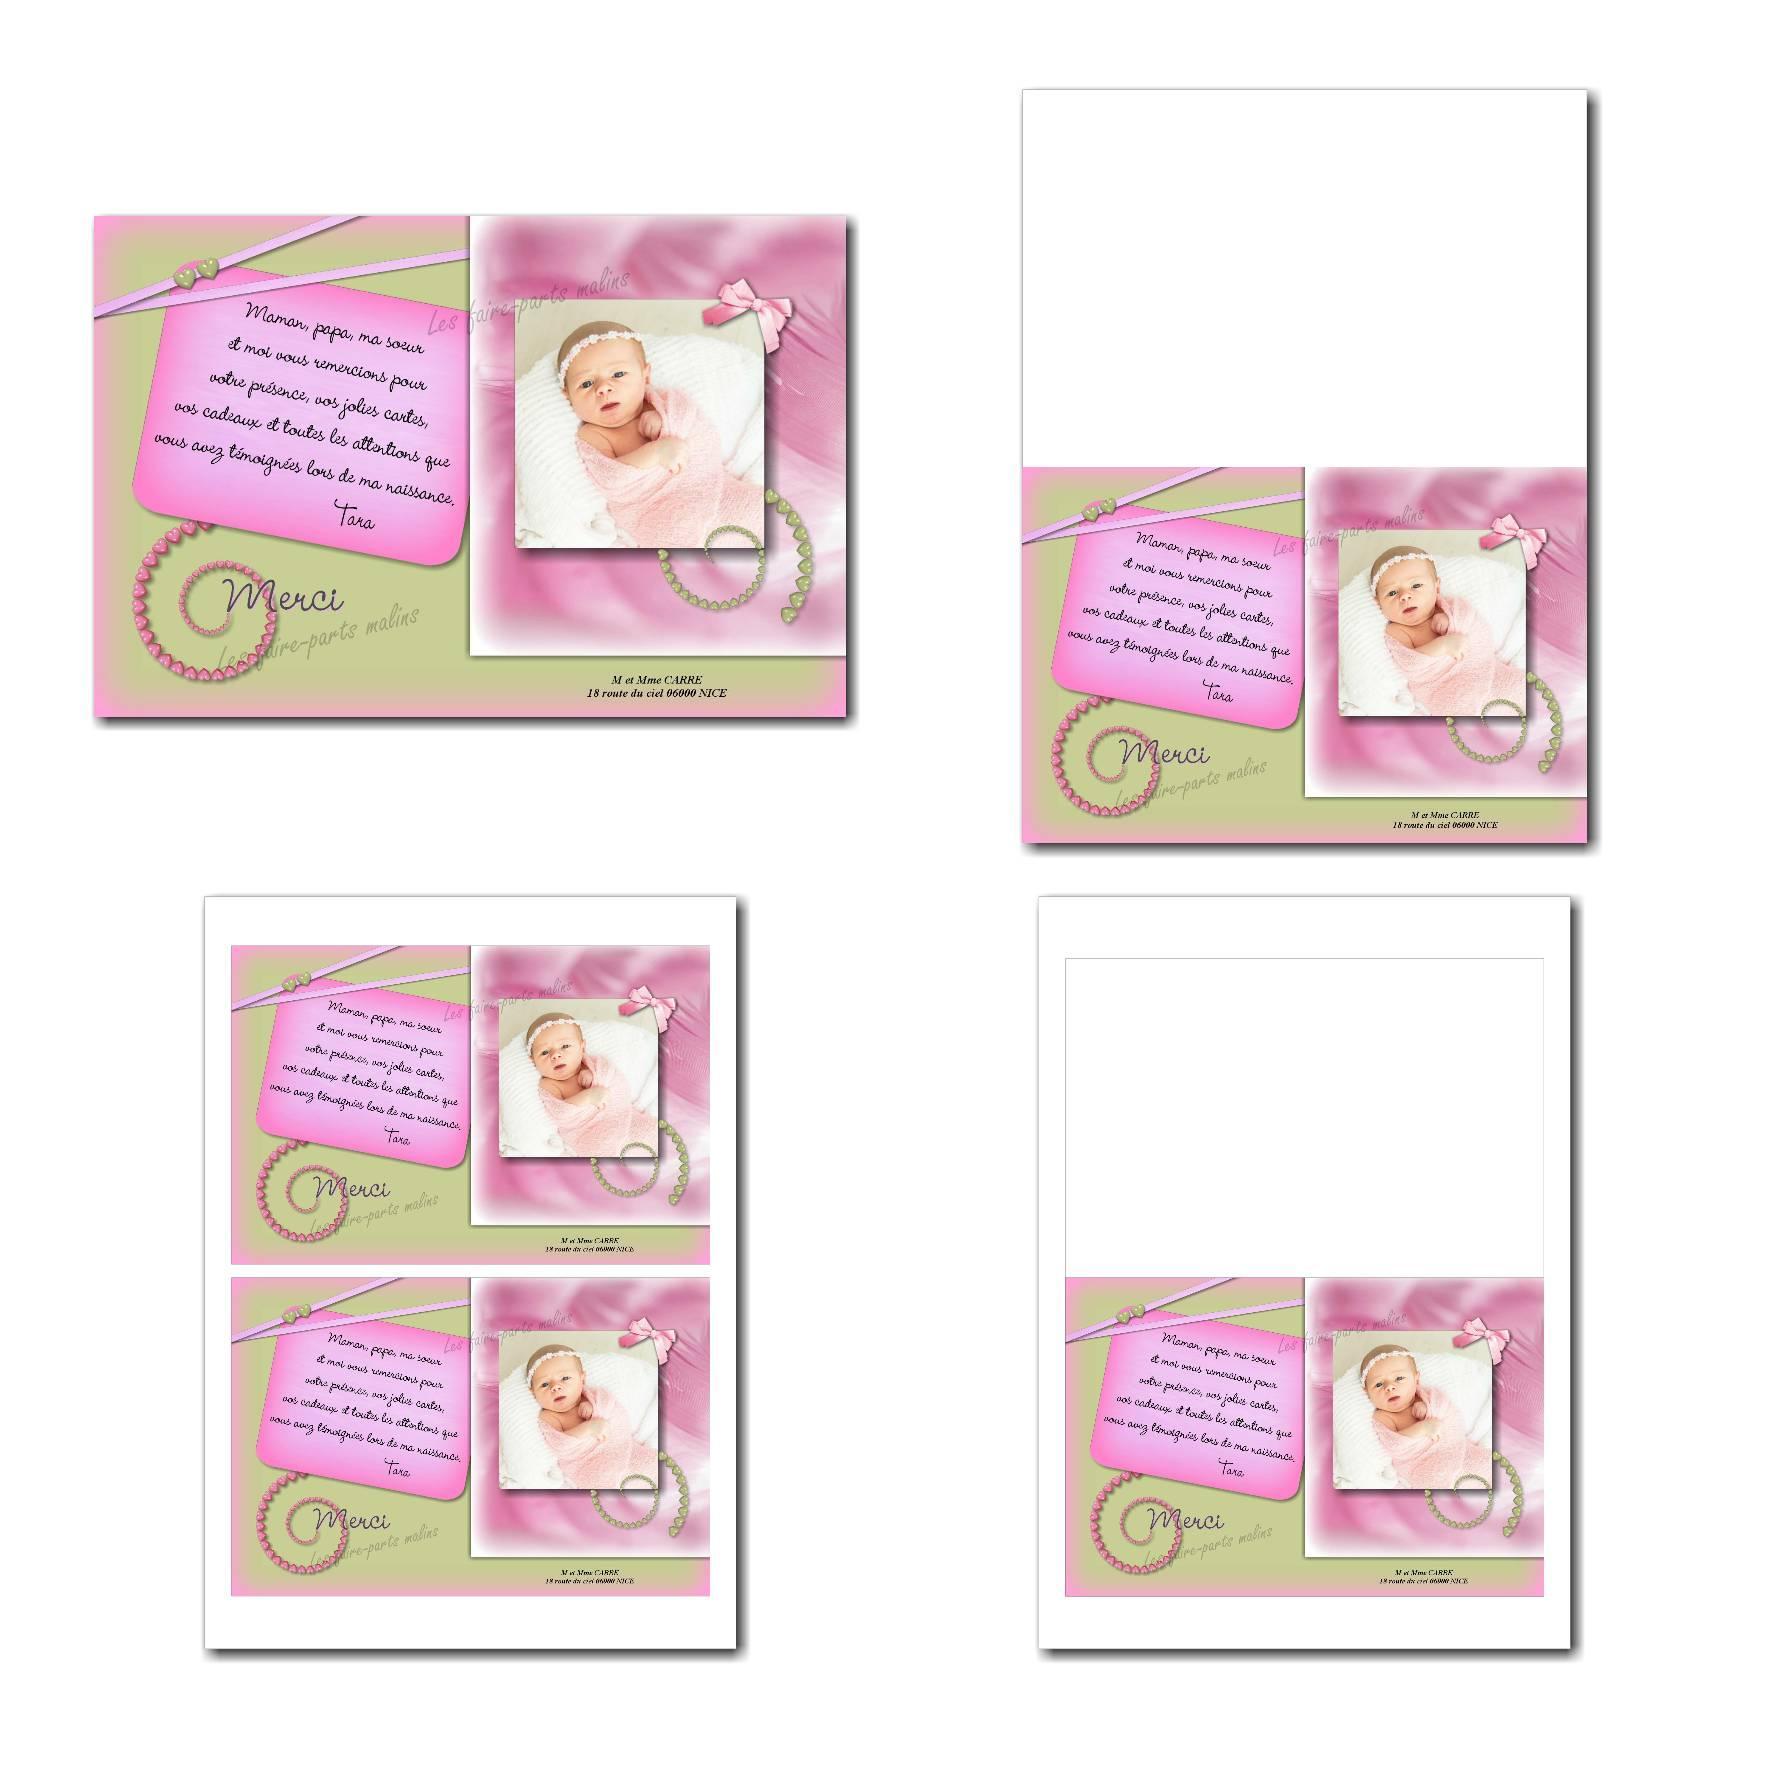 Carte de remerciements à imprimer rose et verte avec petits coeurs